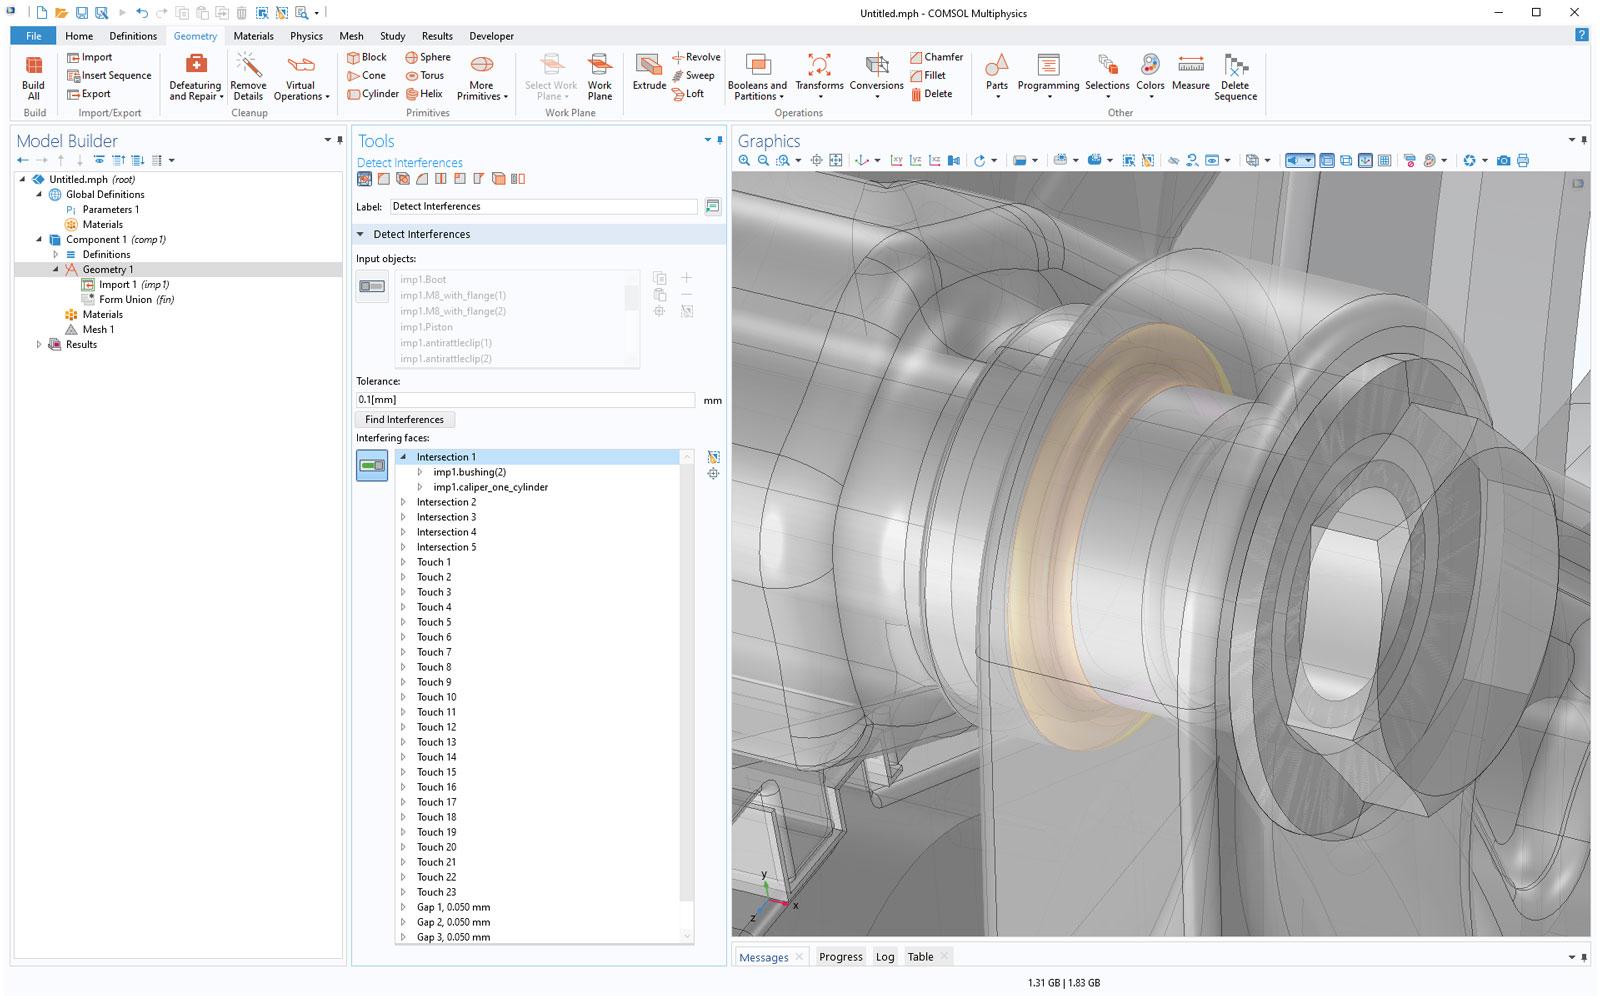 간섭이 있는 객체나 면에 대한 정보를 포함하고 있는, 불러온 CAD assembly에 간섭, 접촉, 틈을 확인합니다. 틈은 틈의 거리와 함께 목록을 보여주며, Zoom to Selection 버튼을 이용하여 위치를 쉽게 찾을 수 있습니다.